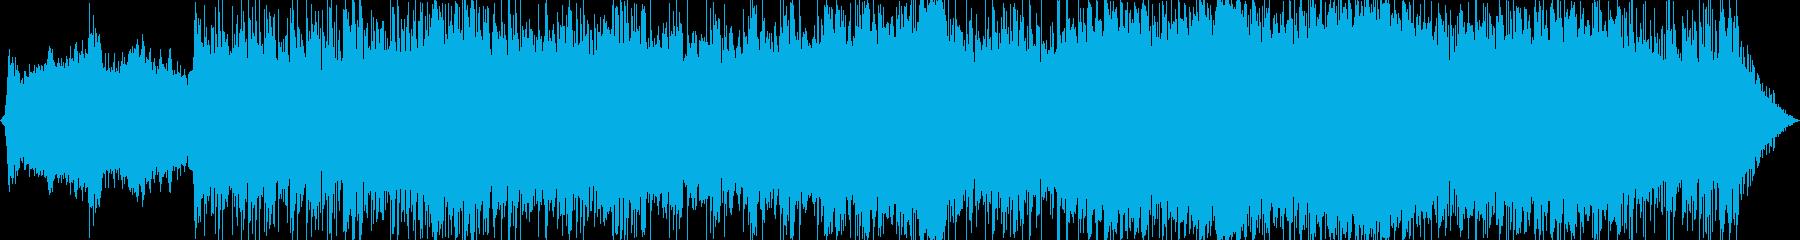 ゲーム用素材/ダンジョン・神殿・魔王城の再生済みの波形